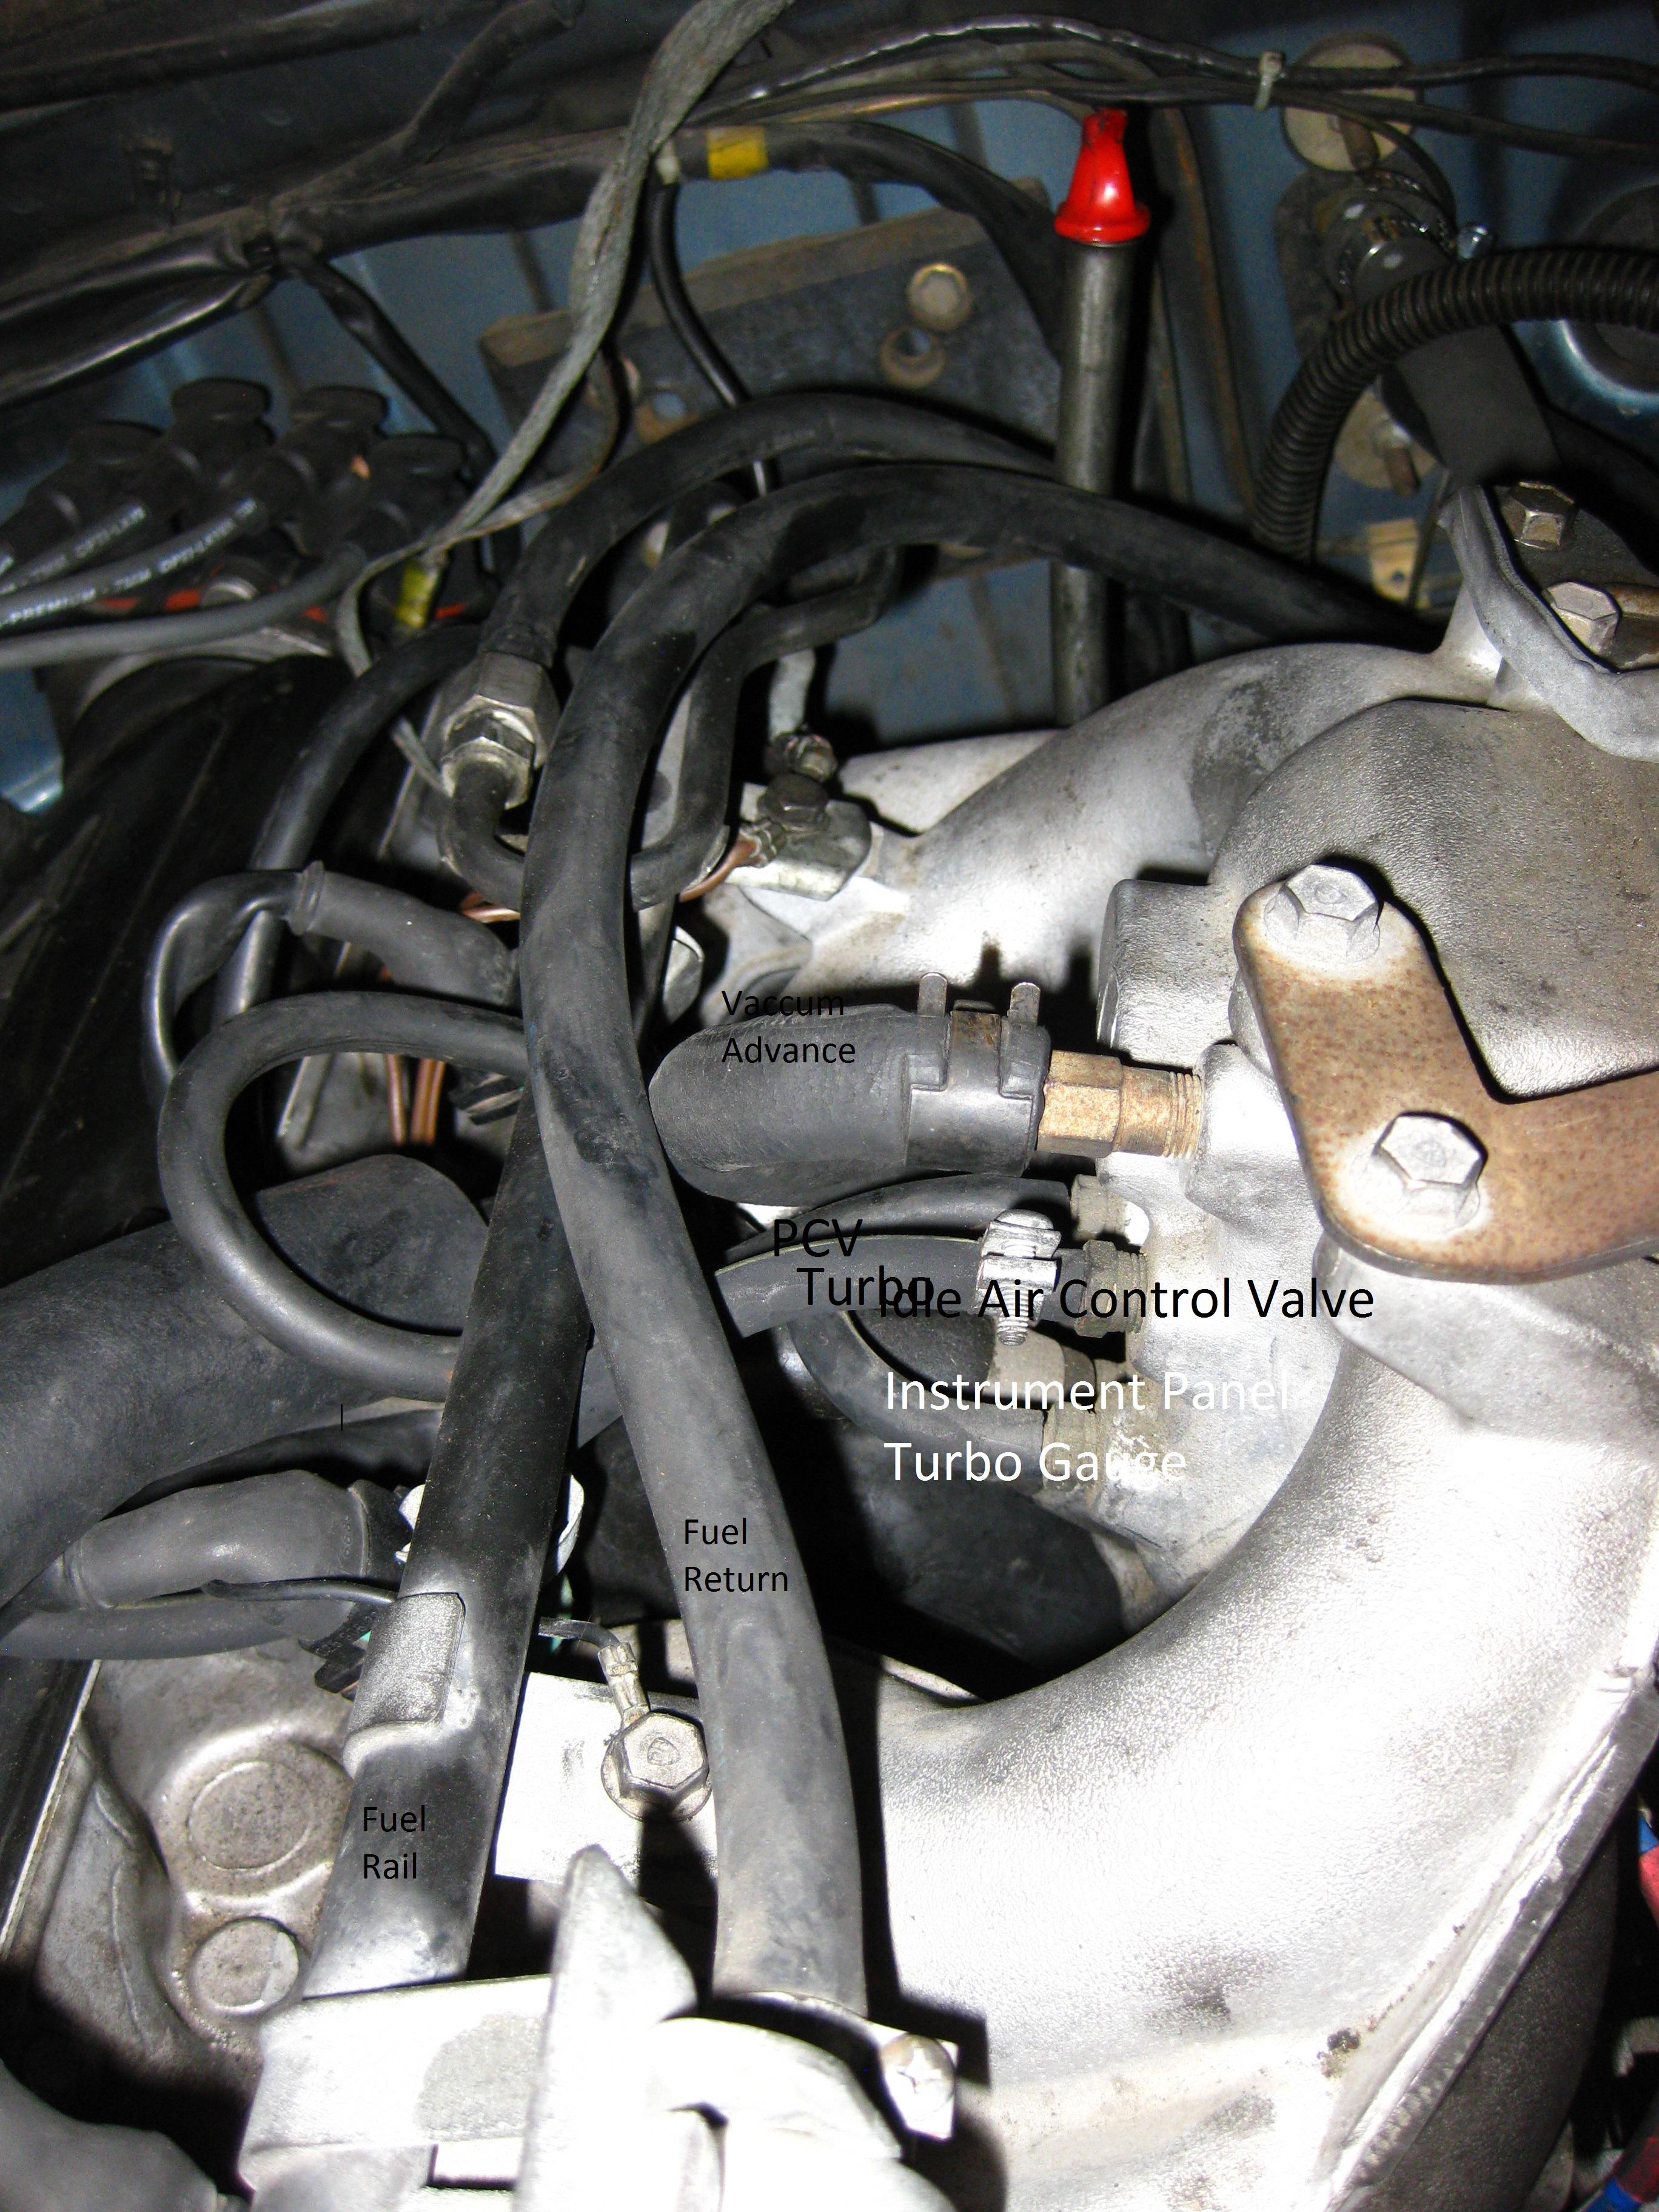 volvo 240 vacuum hose diagram volvo image wiring 1987 740 turbo vacum hose routing on volvo 240 vacuum hose diagram